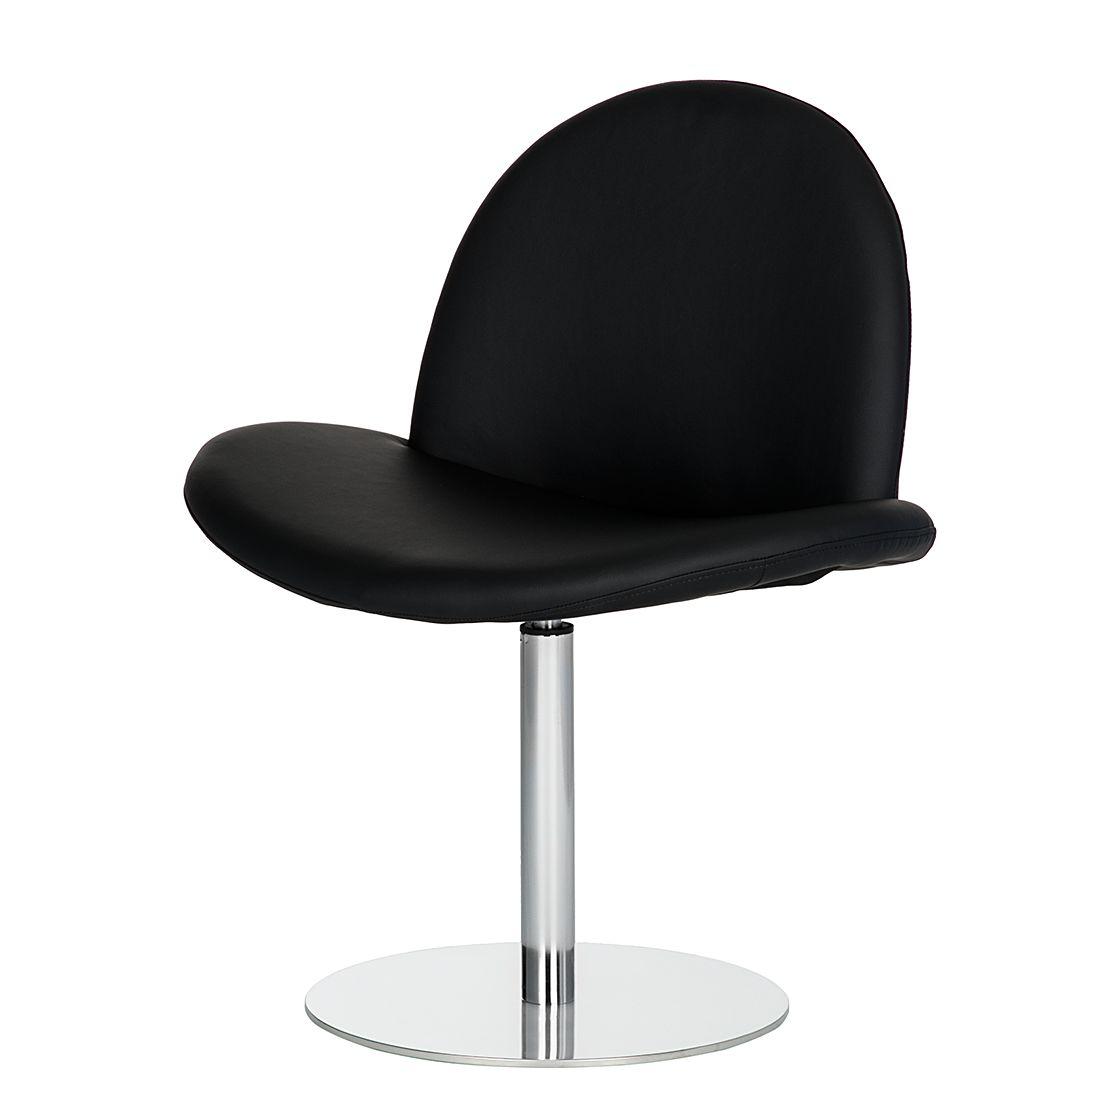 loungesessel norman kunstleder schwarz fredriks. Black Bedroom Furniture Sets. Home Design Ideas